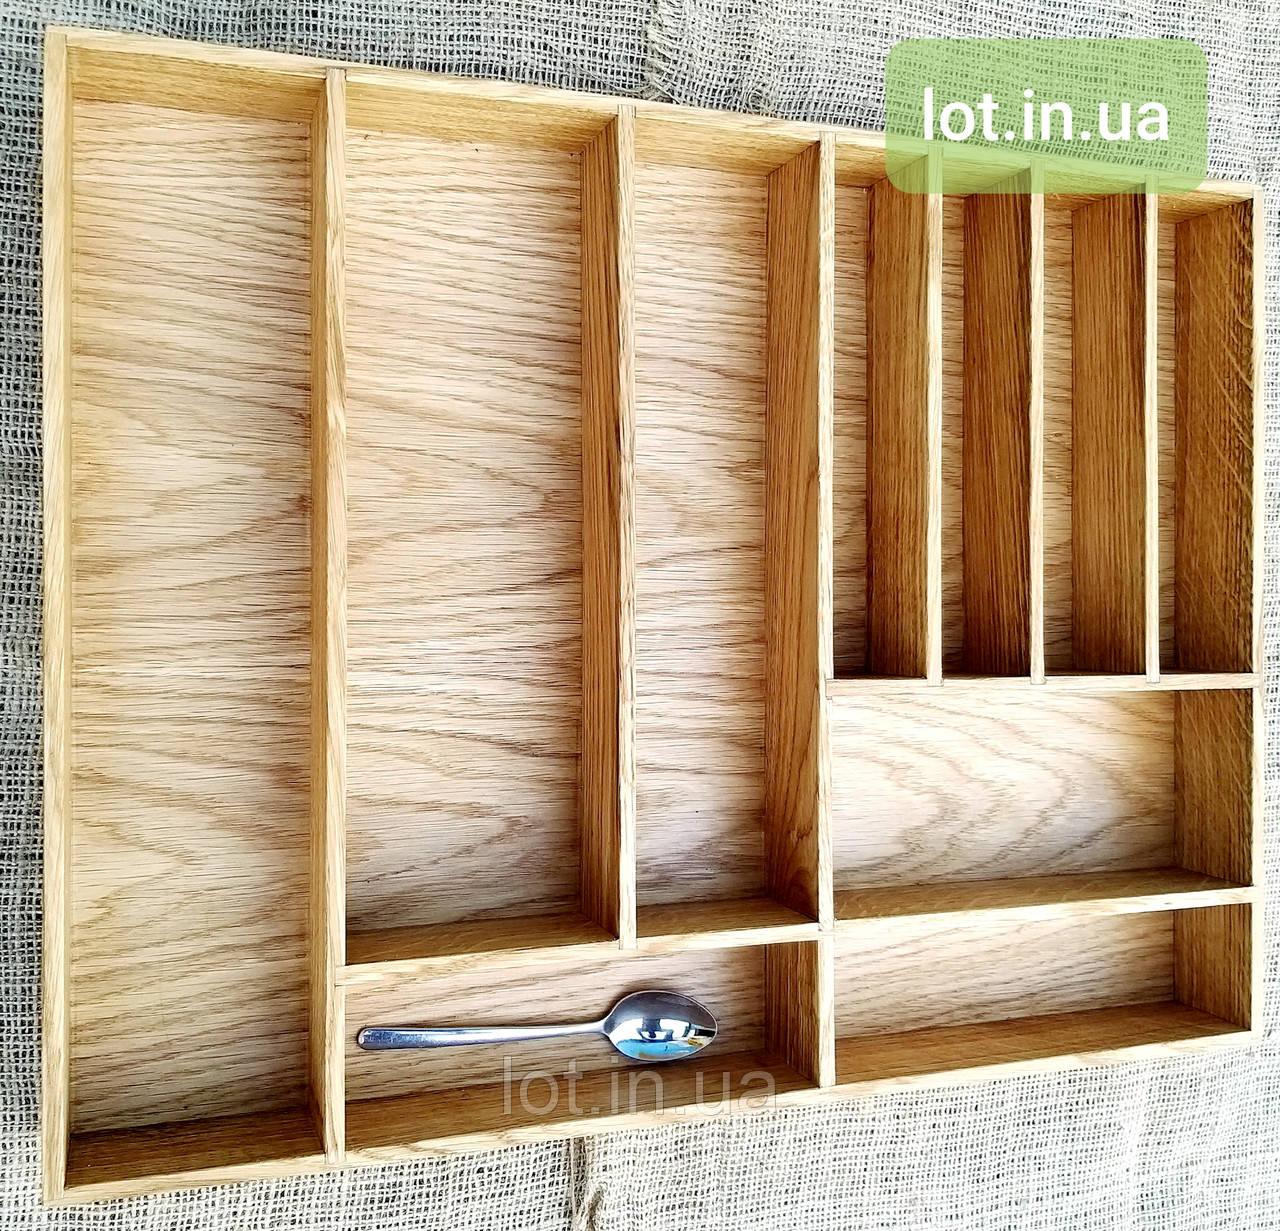 Деревянный лоток для столовых приборов Lot 210 700х400. (индивидуальные размеры)